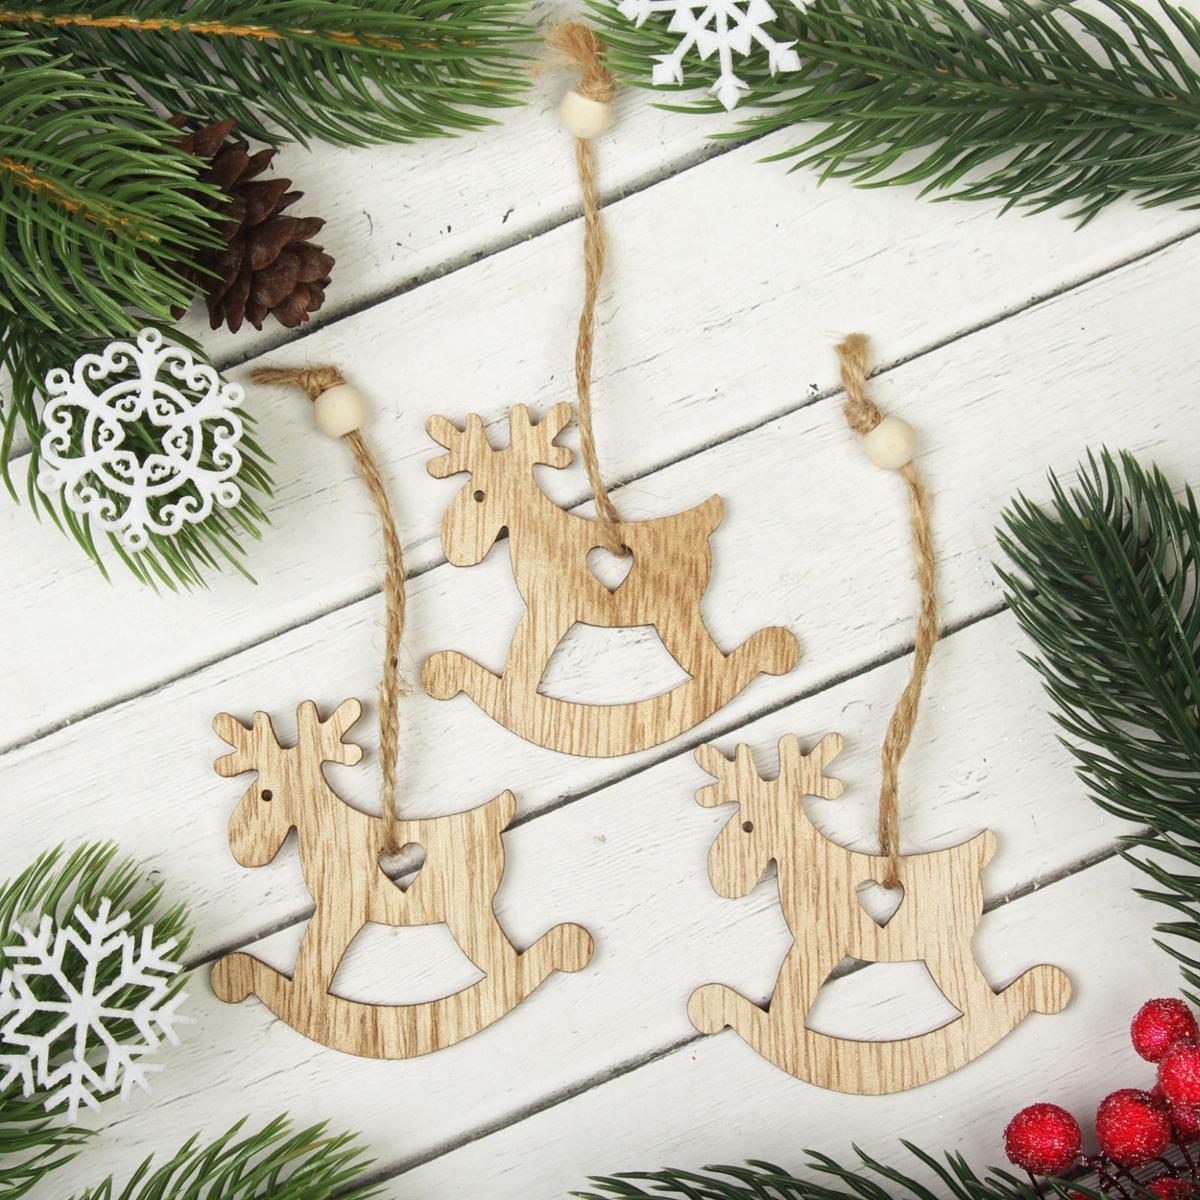 Украшение новогоднее подвесное Веселый олень, 3 шт2303261Набор новогодних подвесных украшений, выполненных из дерева, отлично подойдет для декорации вашего дома и новогодней ели. С помощью специальной петельки украшение можно повесить в любом понравившемся вам месте. Но, конечно, удачнее всего оно будет смотреться на праздничной елке.Елочная игрушка - символ Нового года. Она несет в себе волшебство и красоту праздника. Такое украшение создаст в вашем доме атмосферу праздника, веселья и радости.В комплекте 3 украшения.